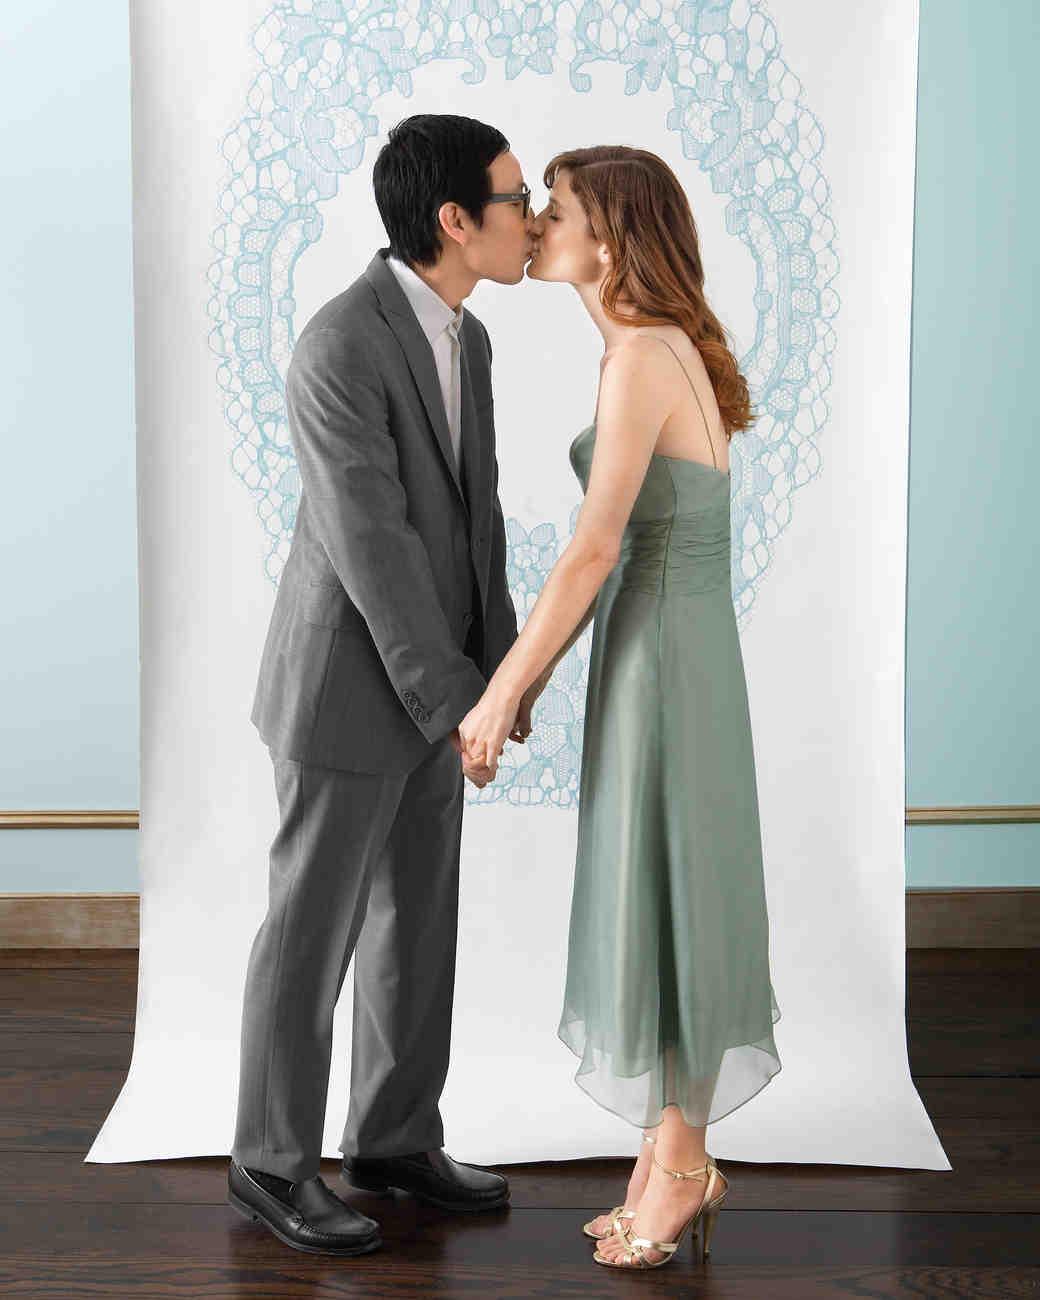 diy-photo-booth-backdrop-lace-bride-groom-1114.jpg